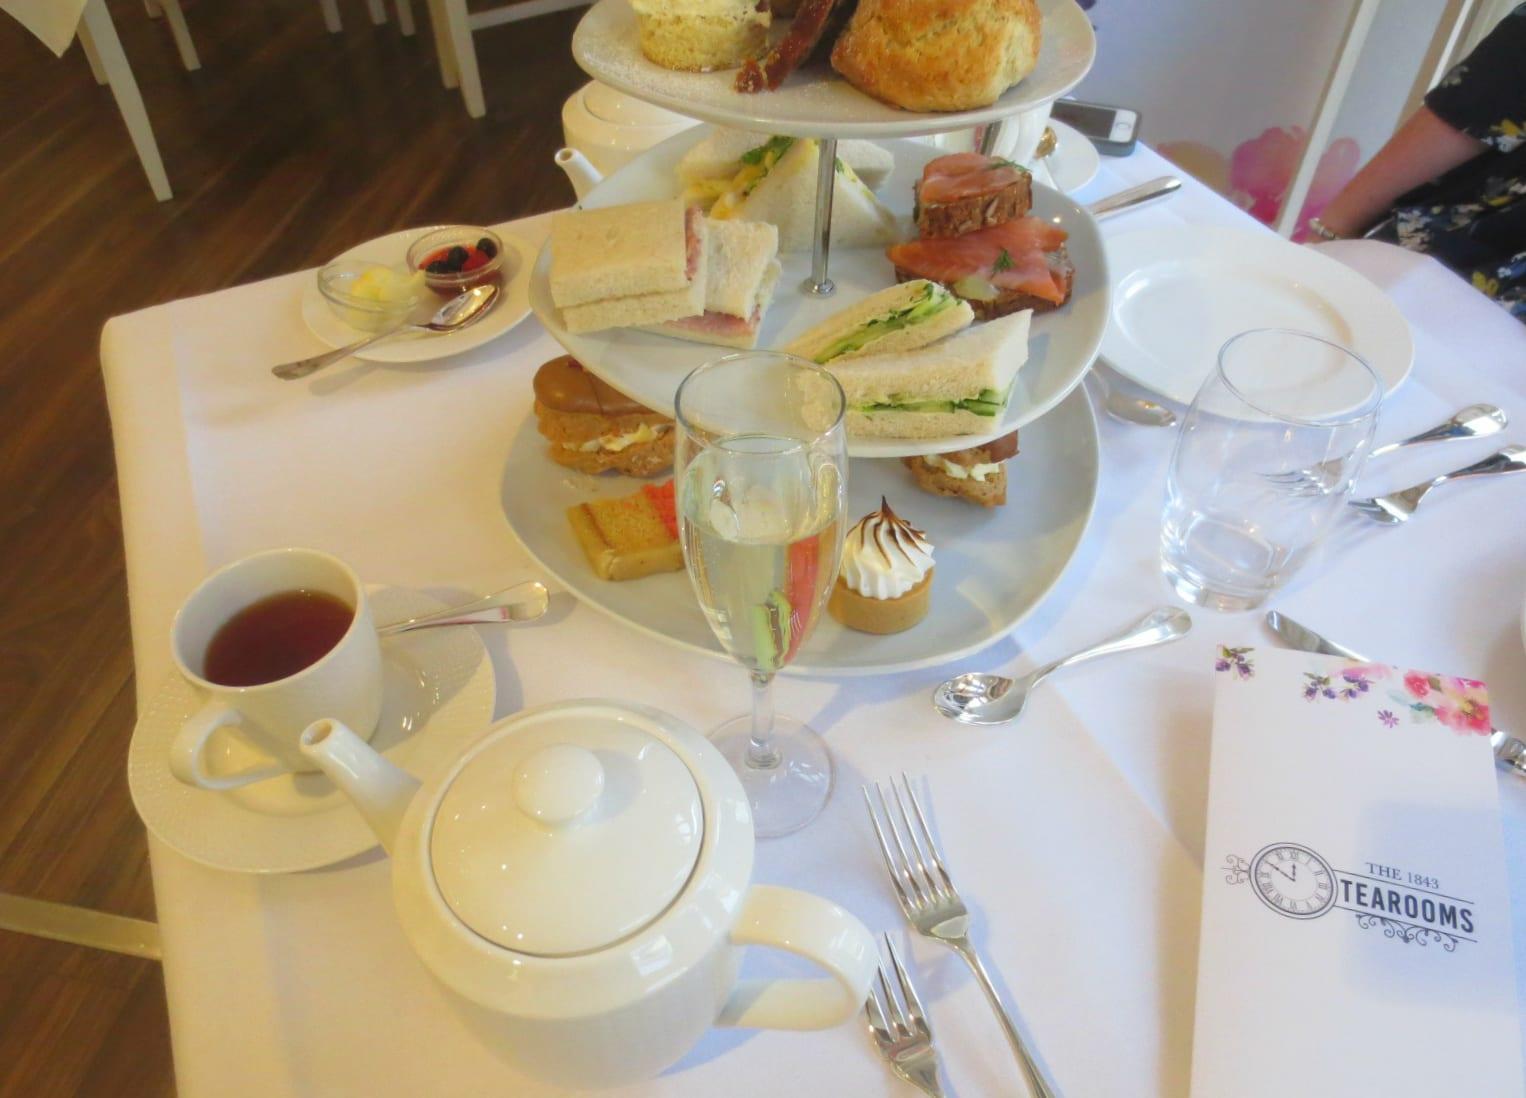 Arnotts 1843 Afternoon Tea DublinTown